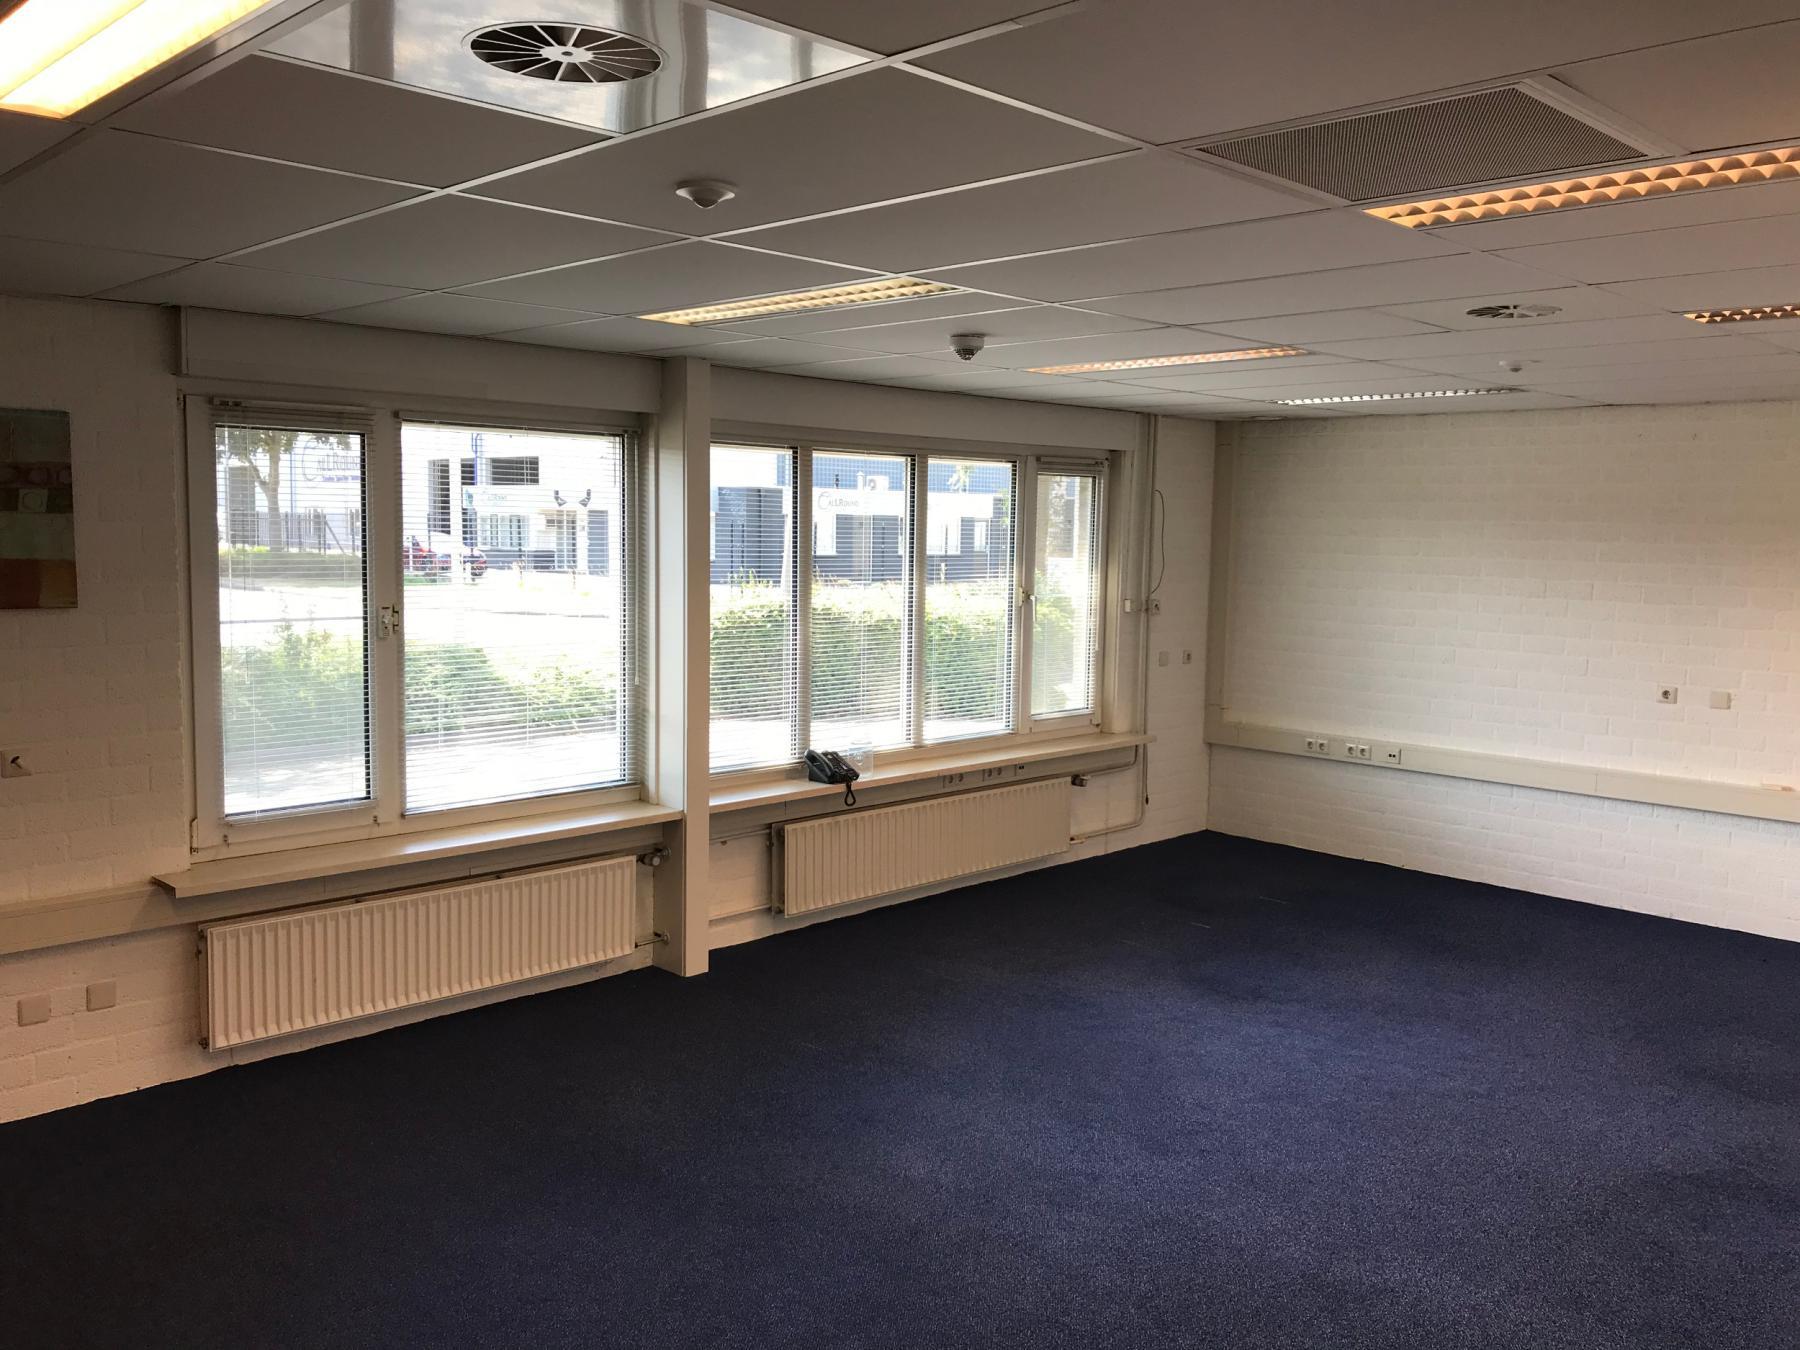 Kantoorruimte huren Bedrijvenpark Twente 75, Almelo (3)